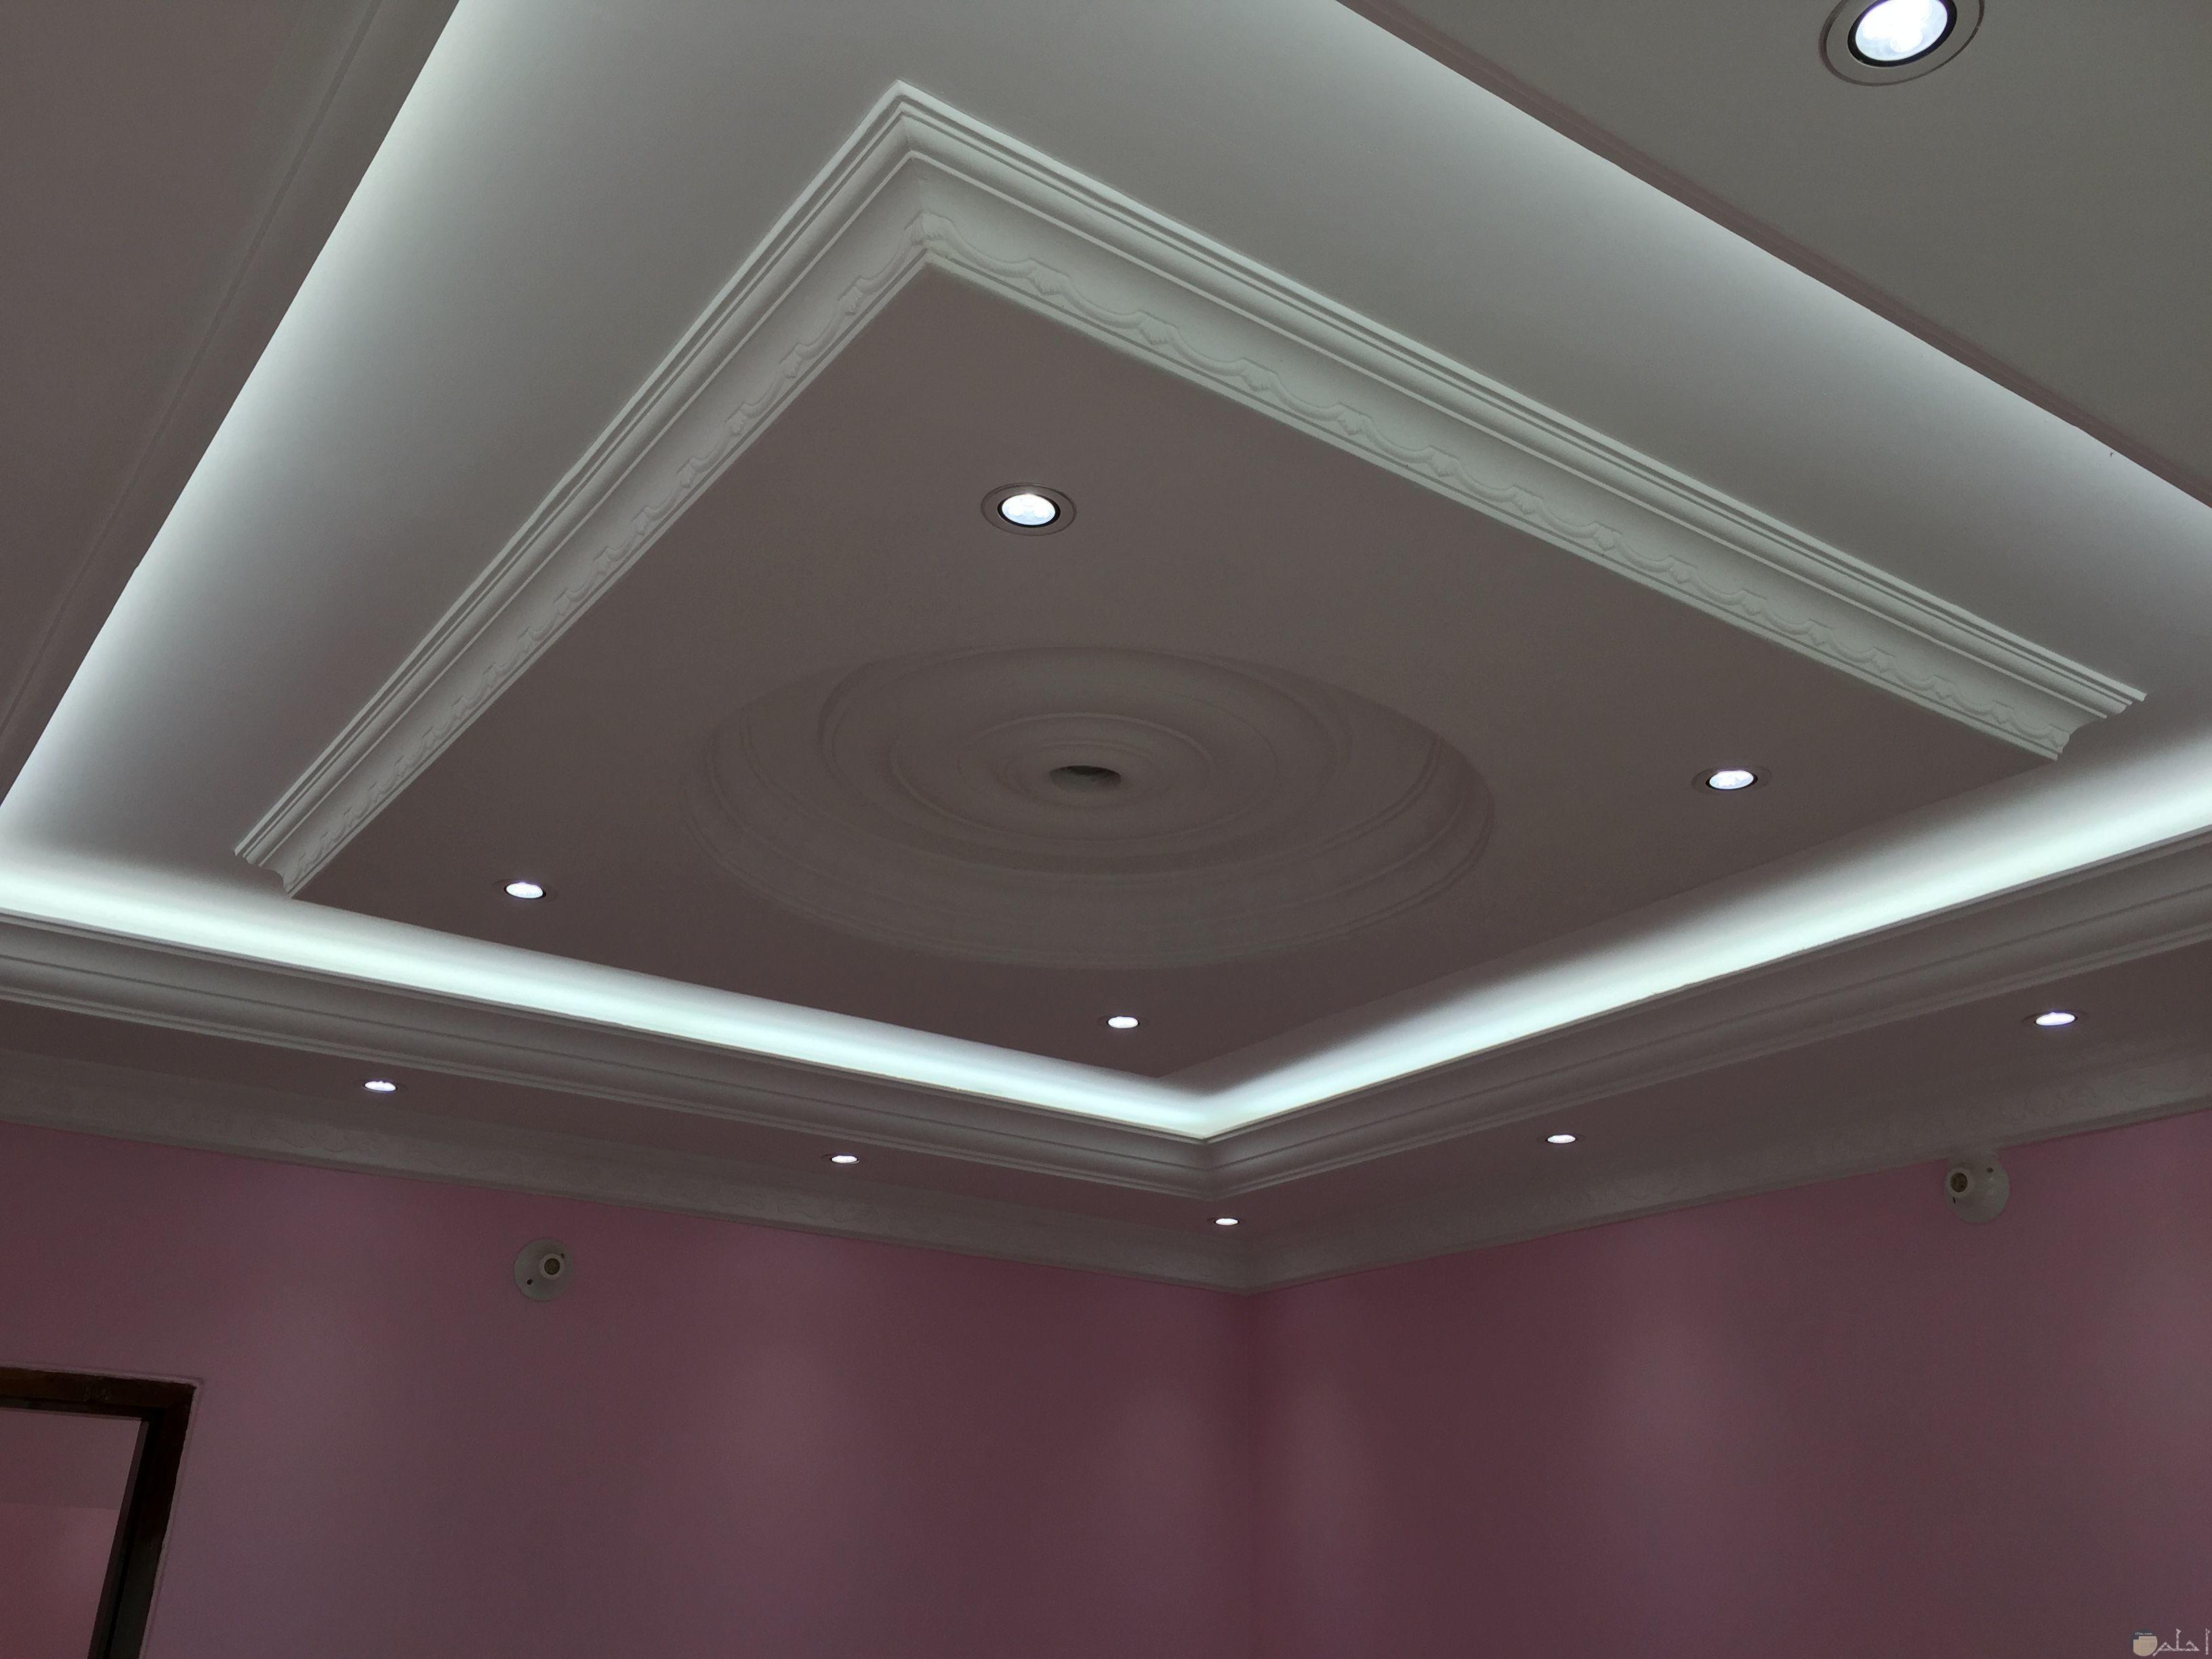 سقف جبس معلق عبارة عن مربع وبه اضاءات بيضاء